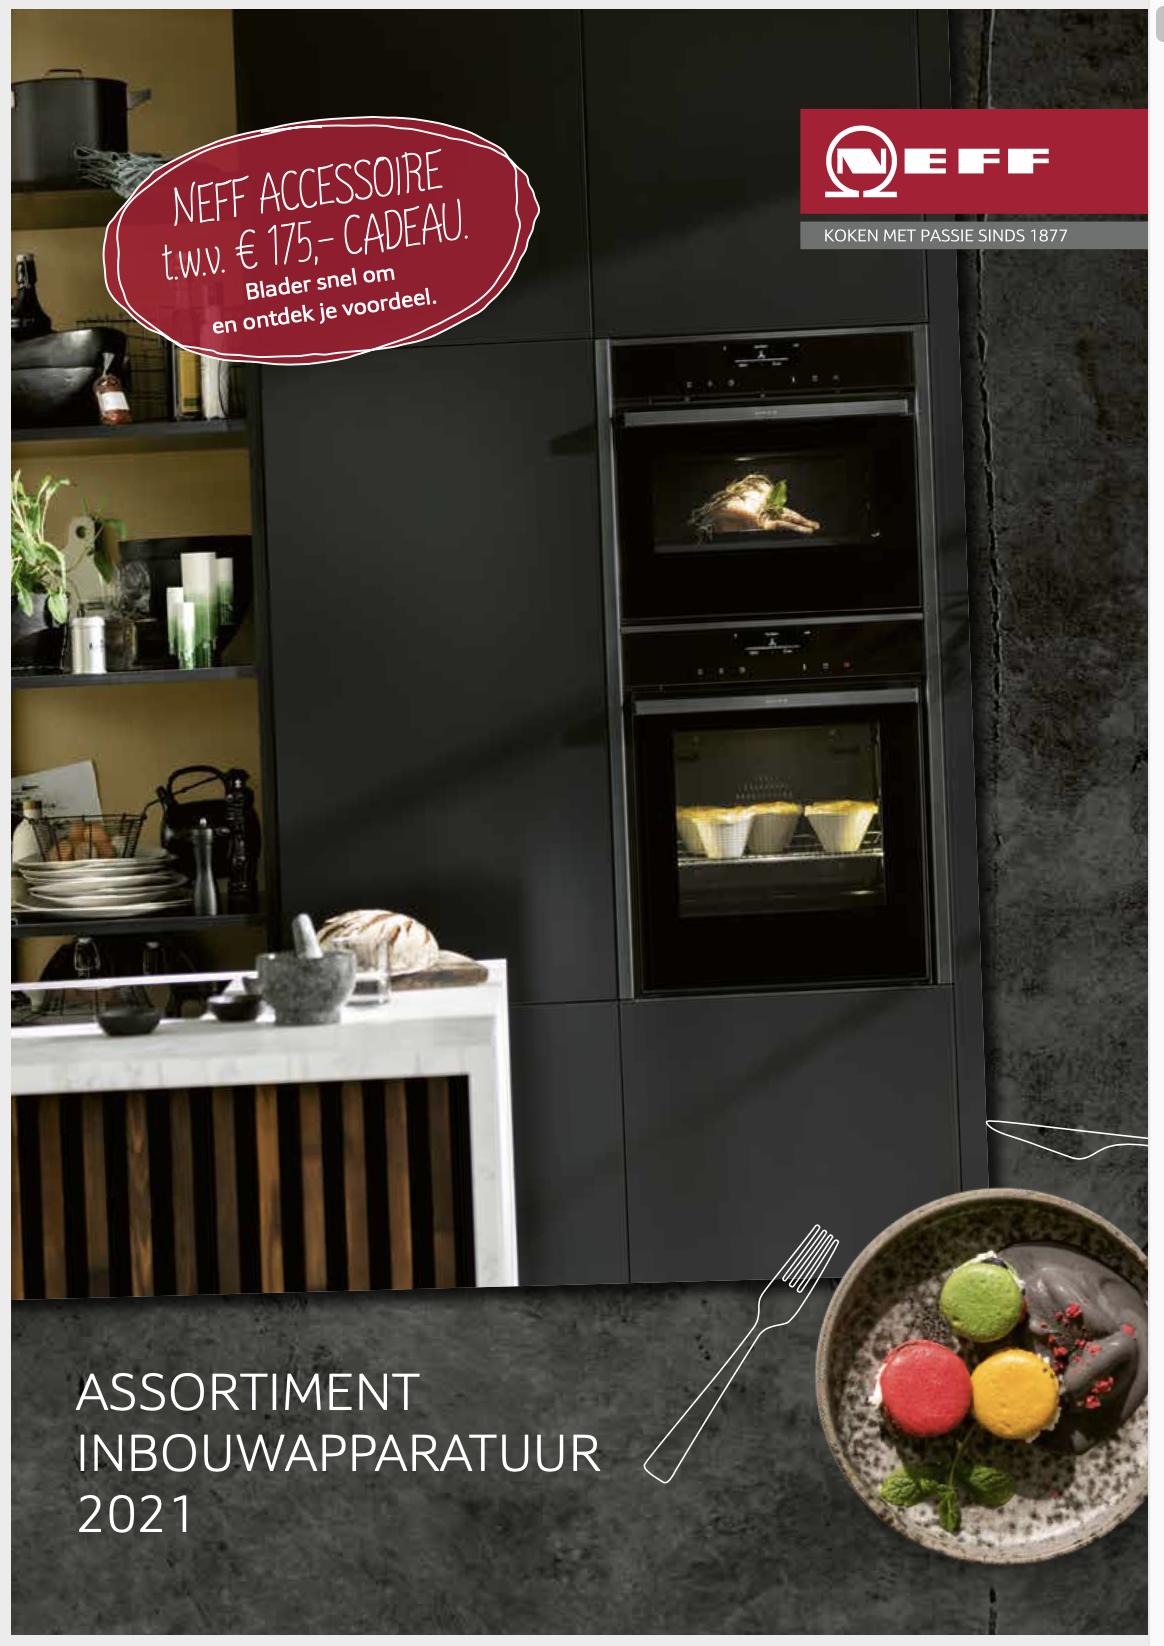 NEFF inbouwapparatuur | Brochure